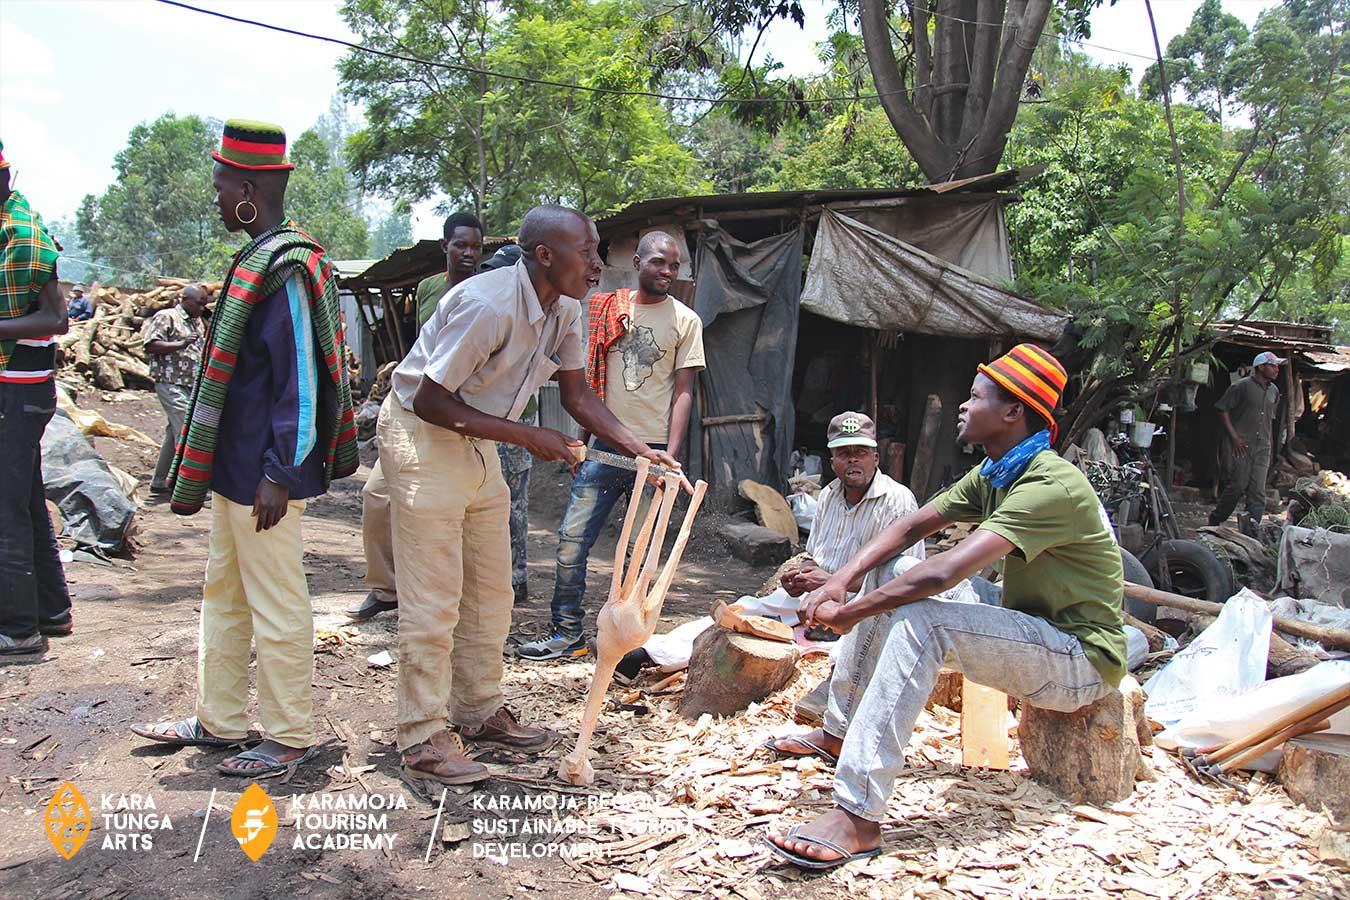 kara-tunga-karamoja-uganda-arts-crafts-tours-culture-development-17